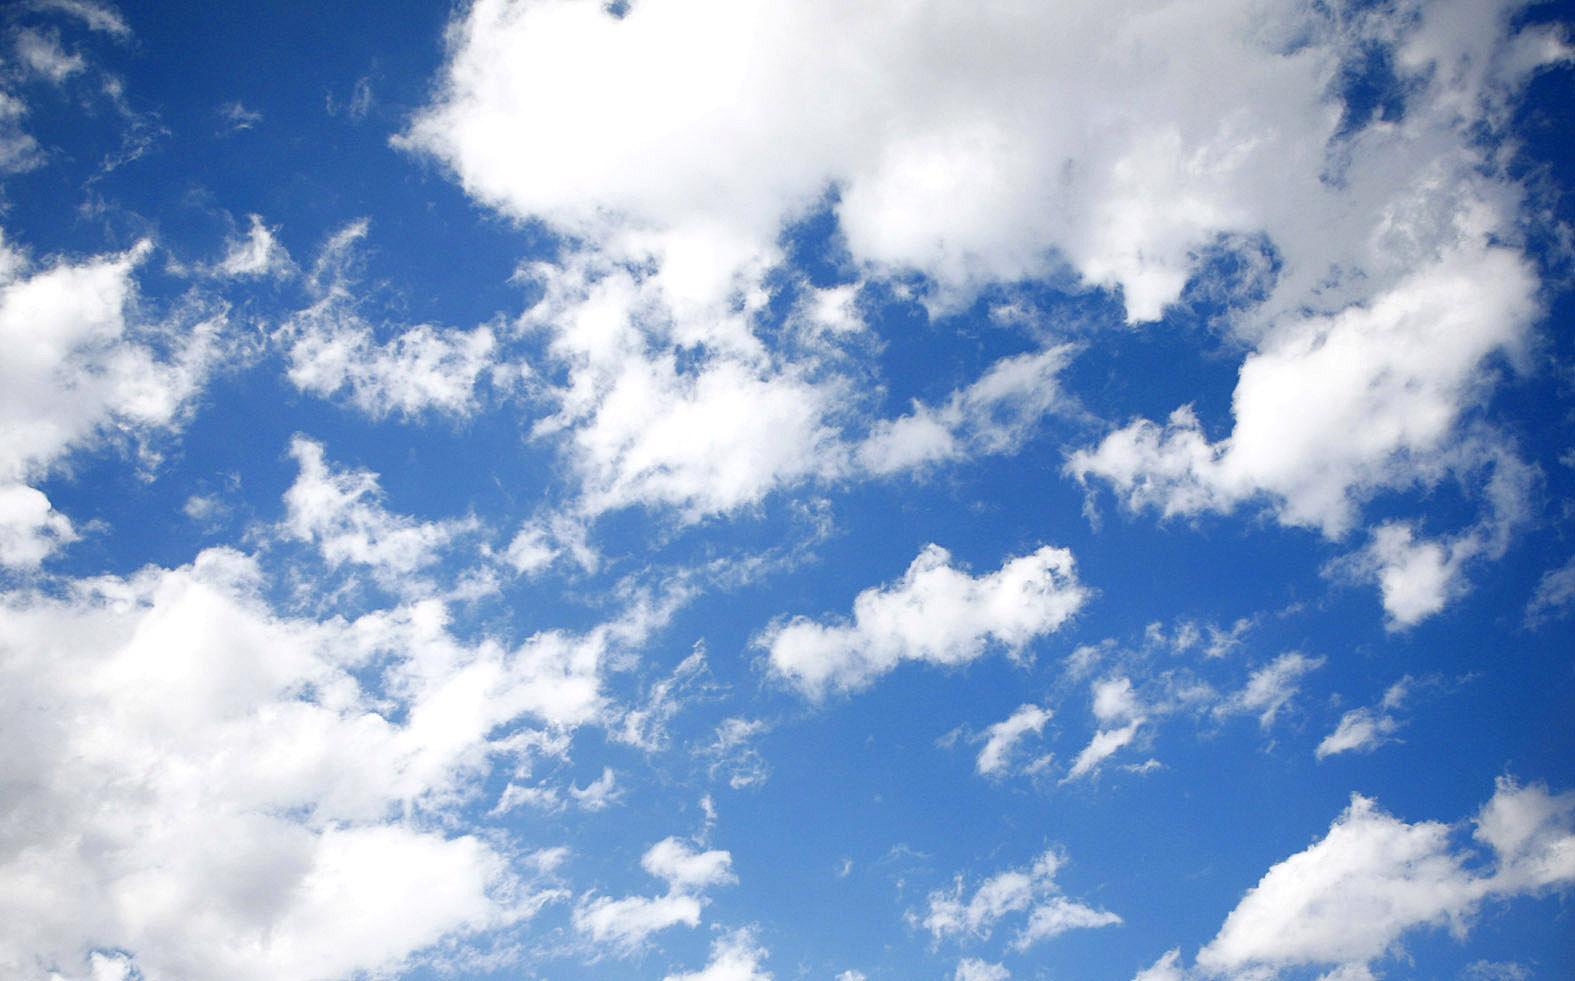 توقعات أحوال الطقس ليوم الاثنين